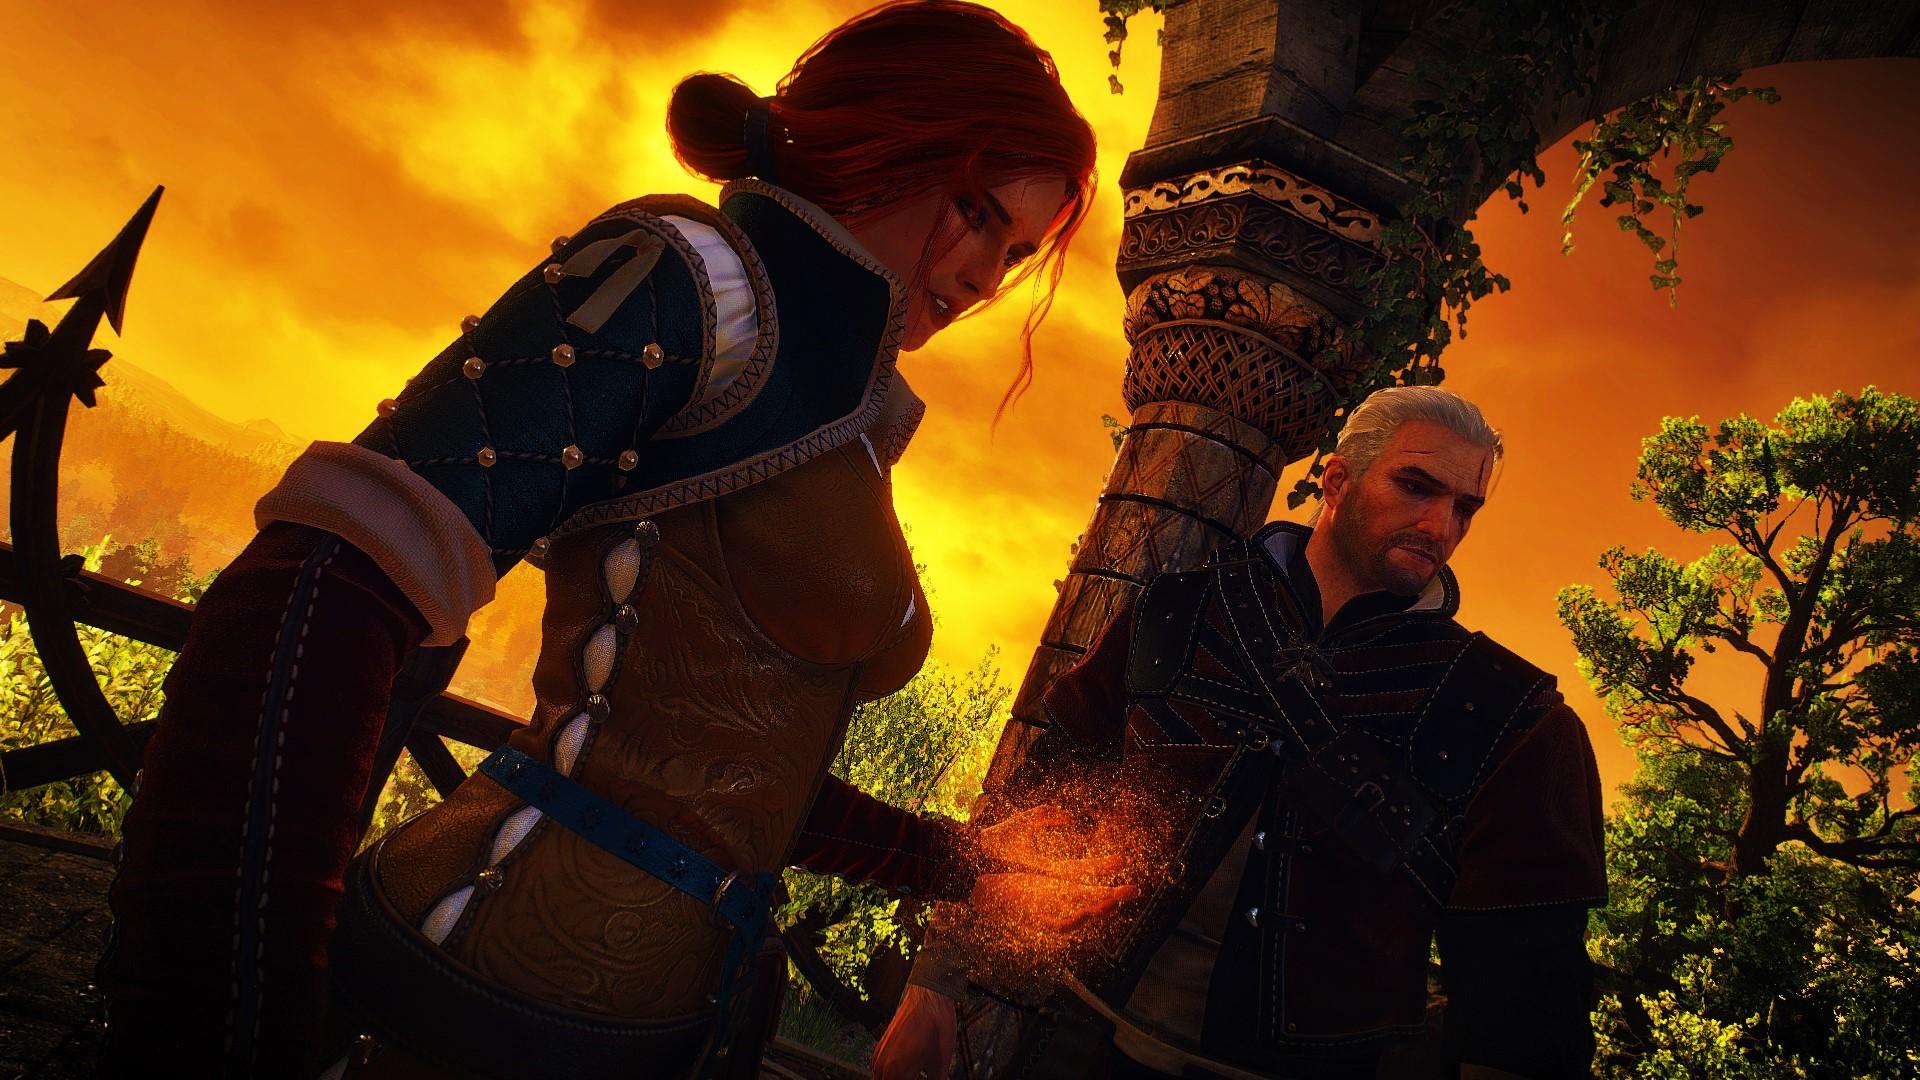 kwn3yK0.jpg - Witcher 3: Wild Hunt, the